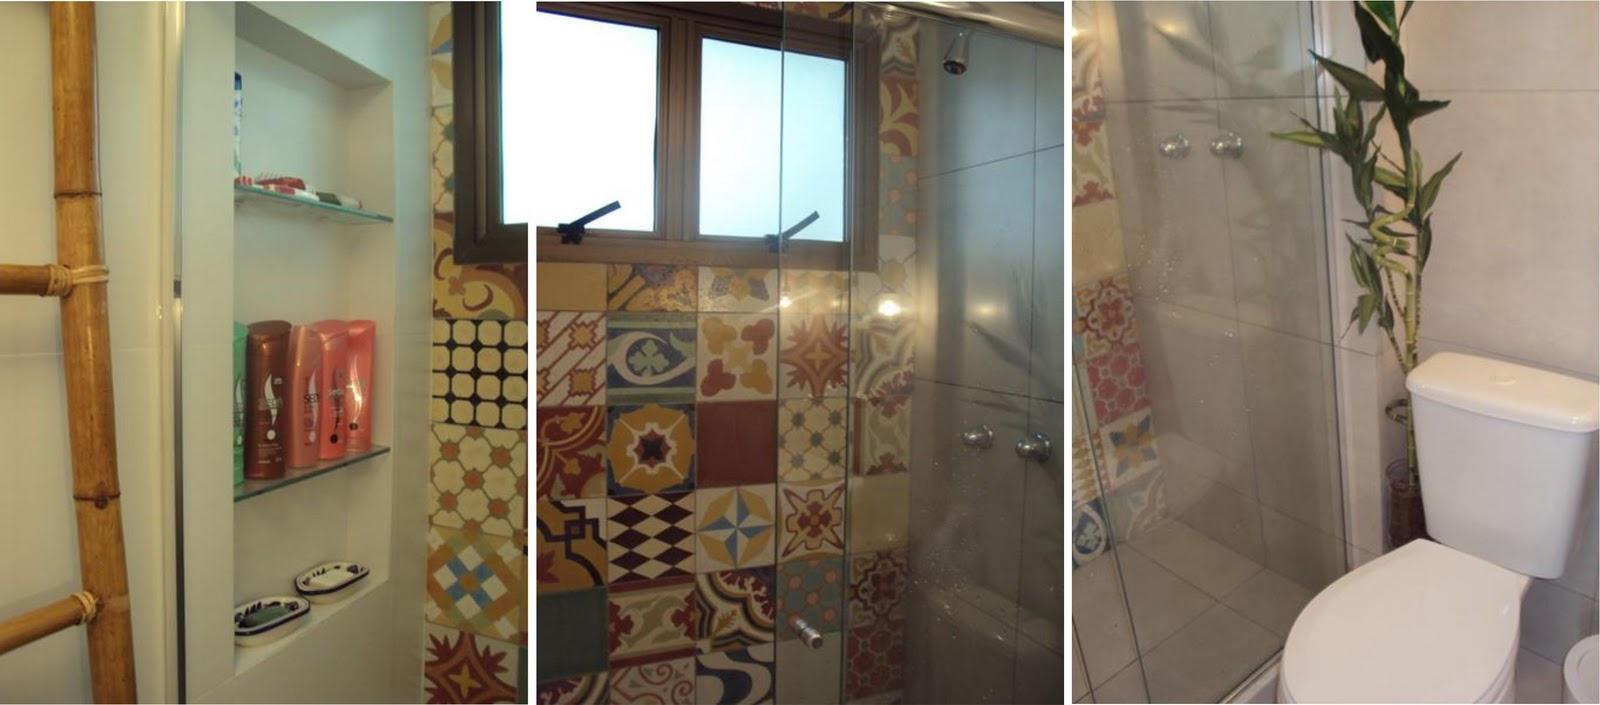 ARQUITETA MARIA HELENA TORRES Janeiro 2012 -> Banheiro Moderno E Rustico